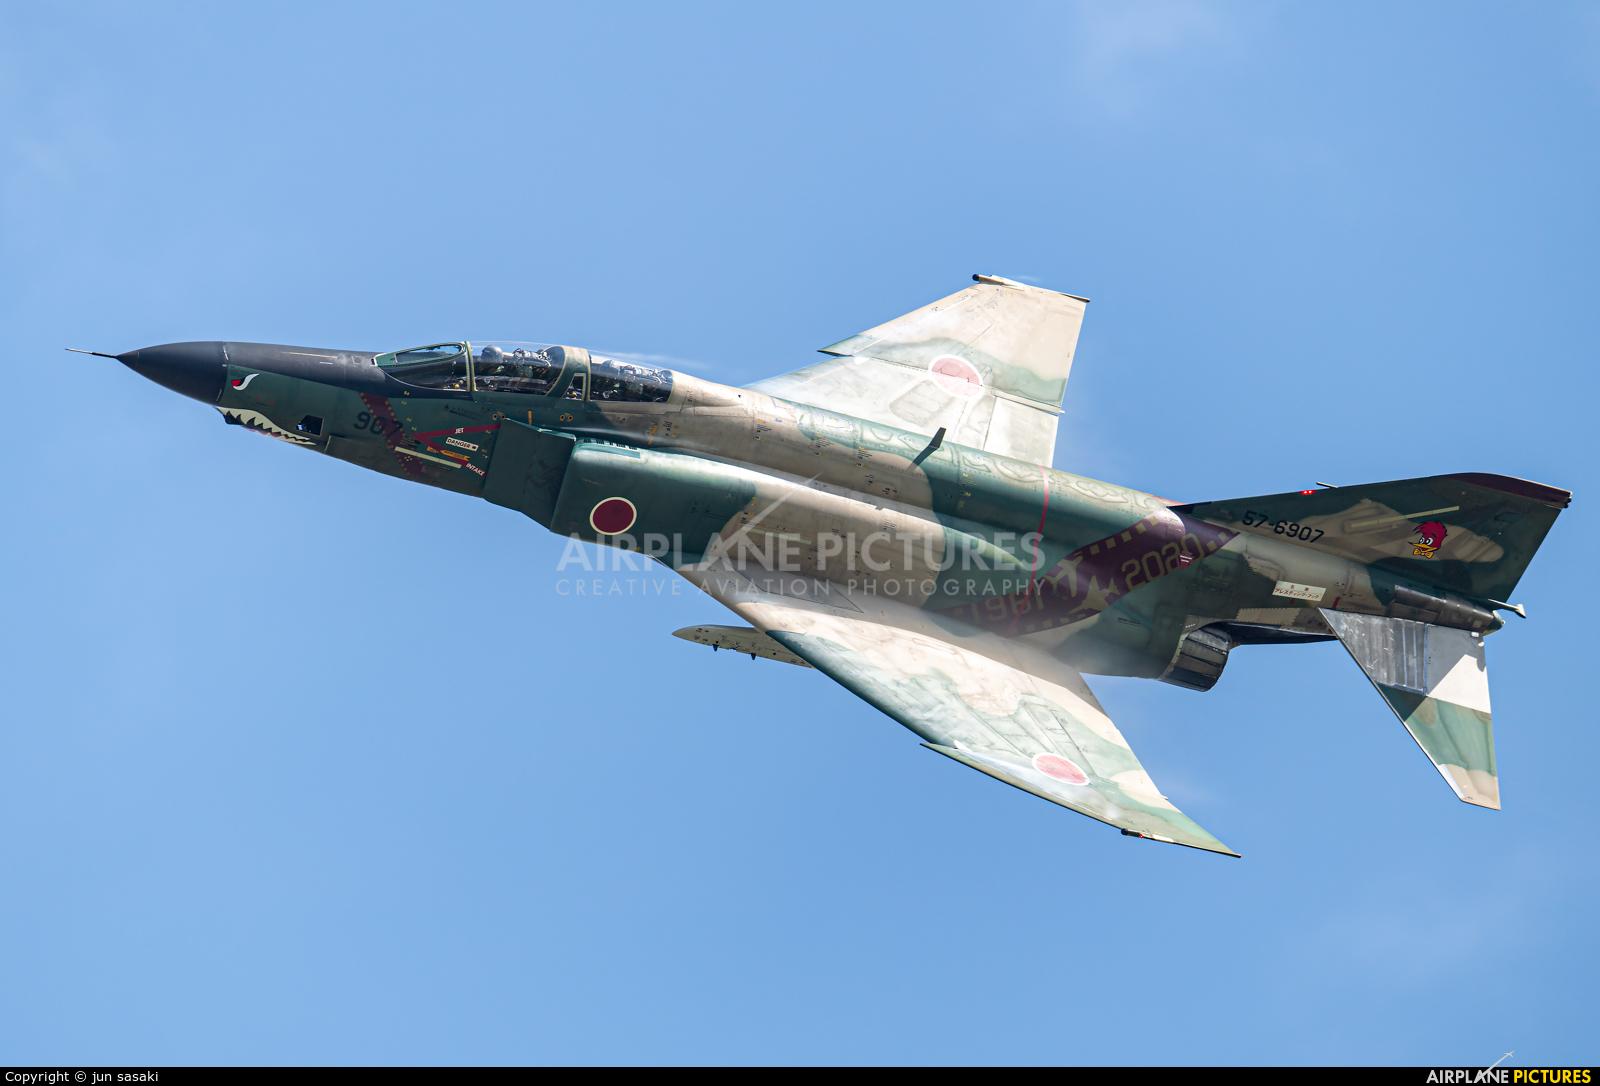 Japan - Air Self Defence Force 57-6907 aircraft at Matsushima AB